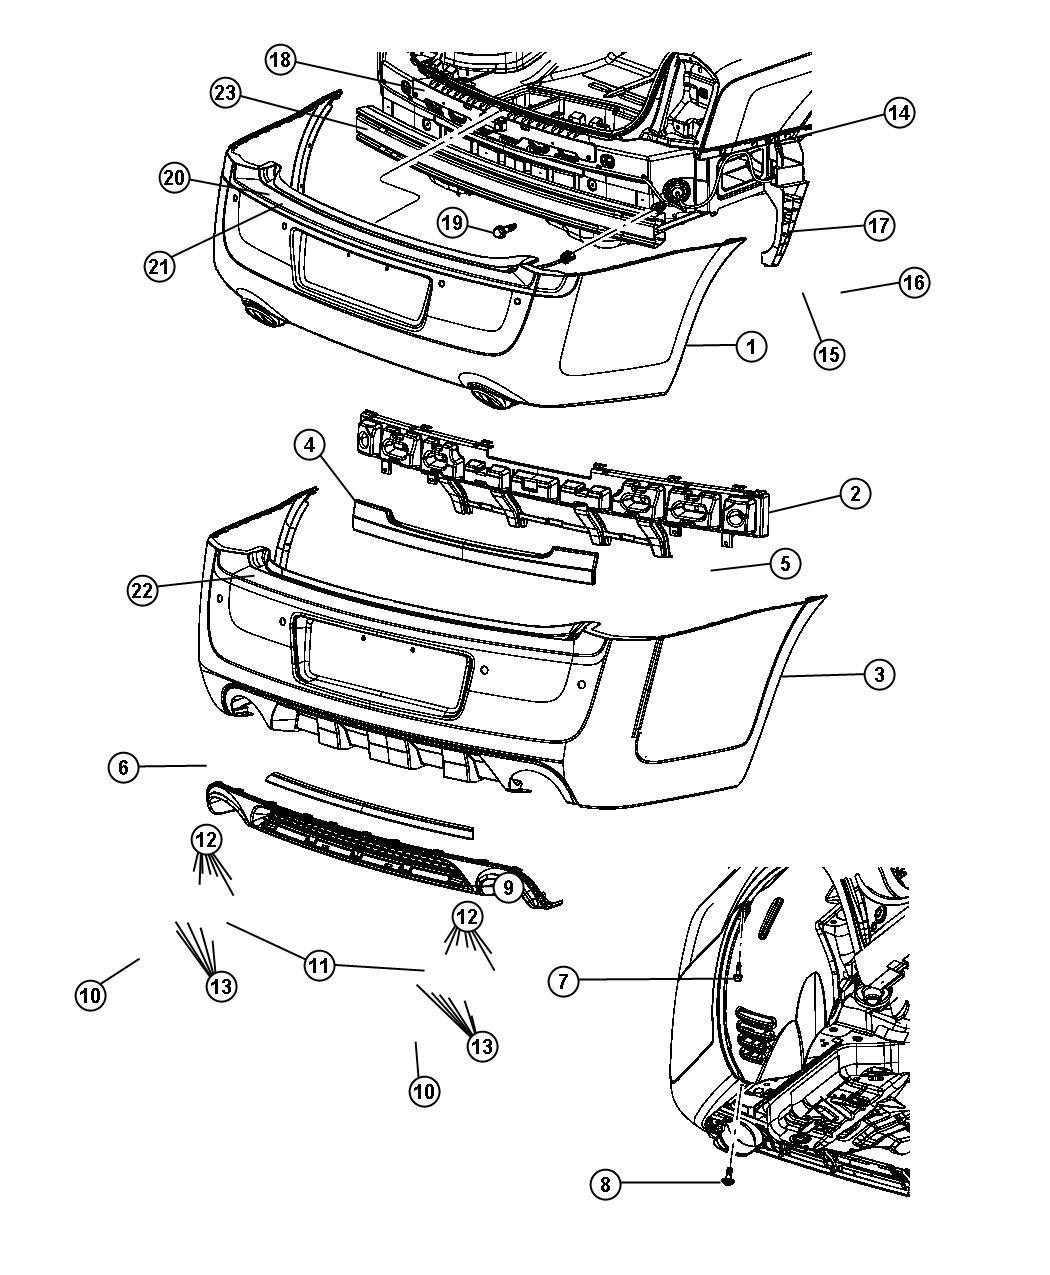 Chrysler Absorber Rear Energy Stuffer Bclr